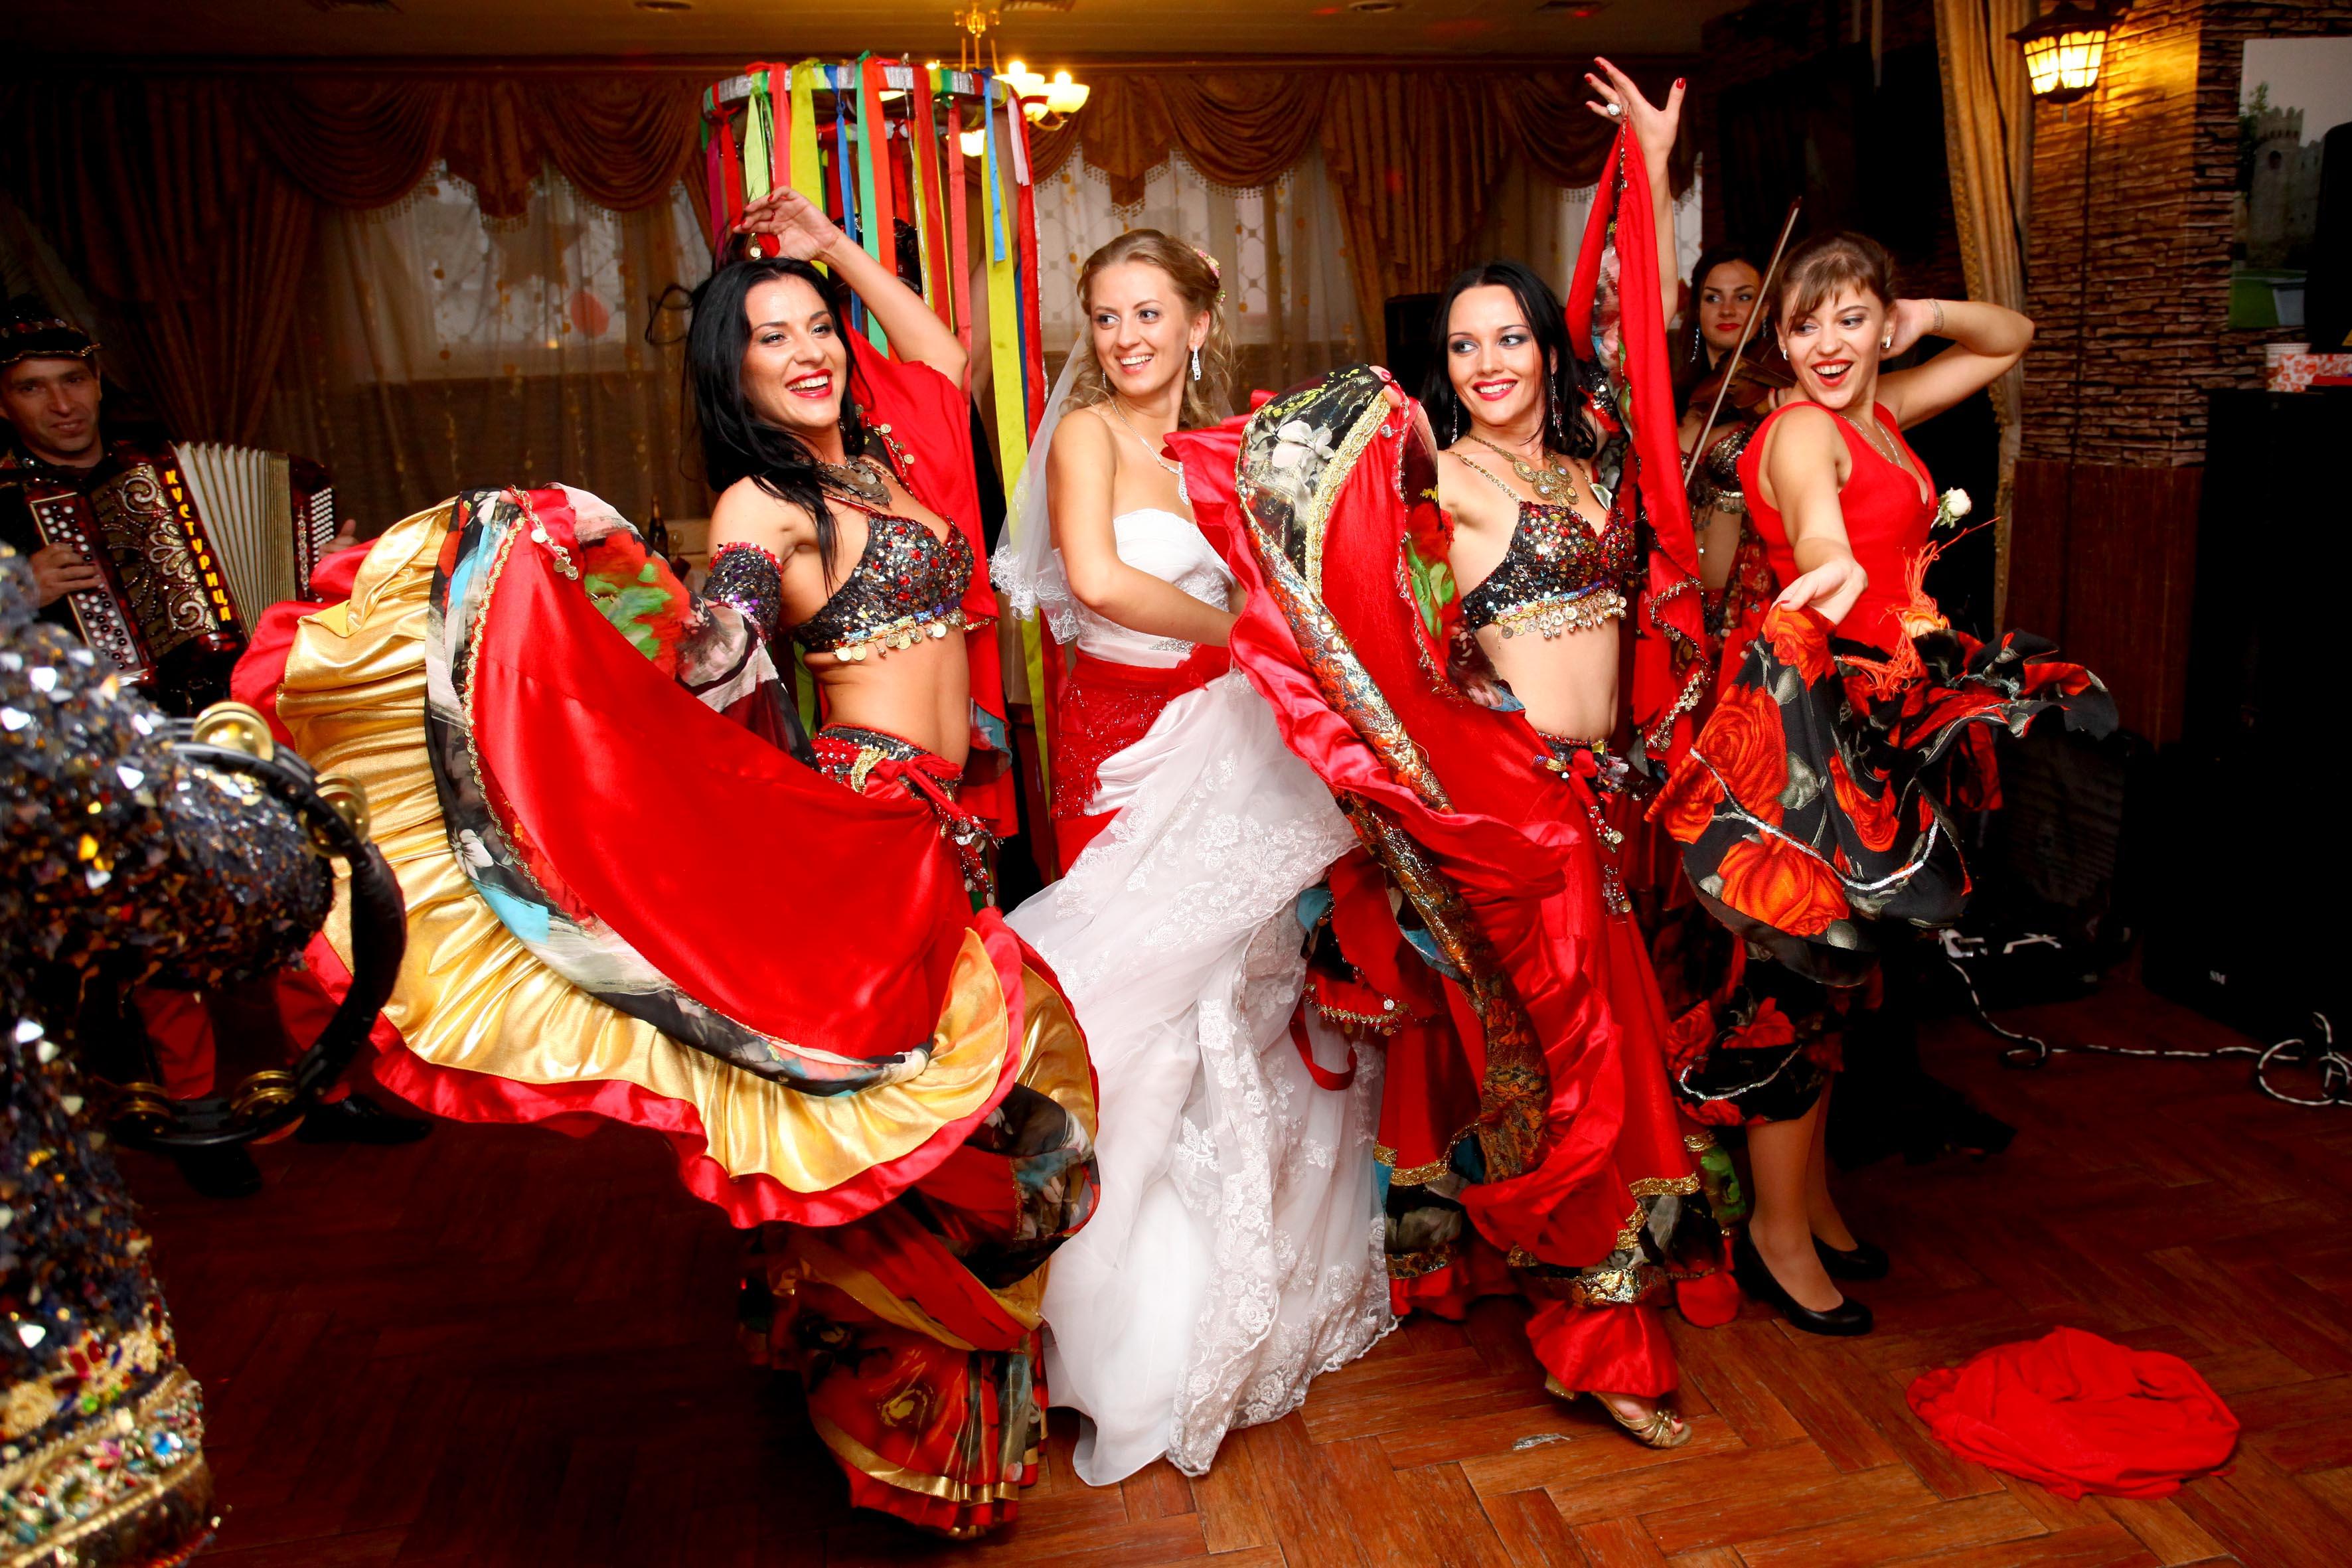 Поздравление от цыганки женщине